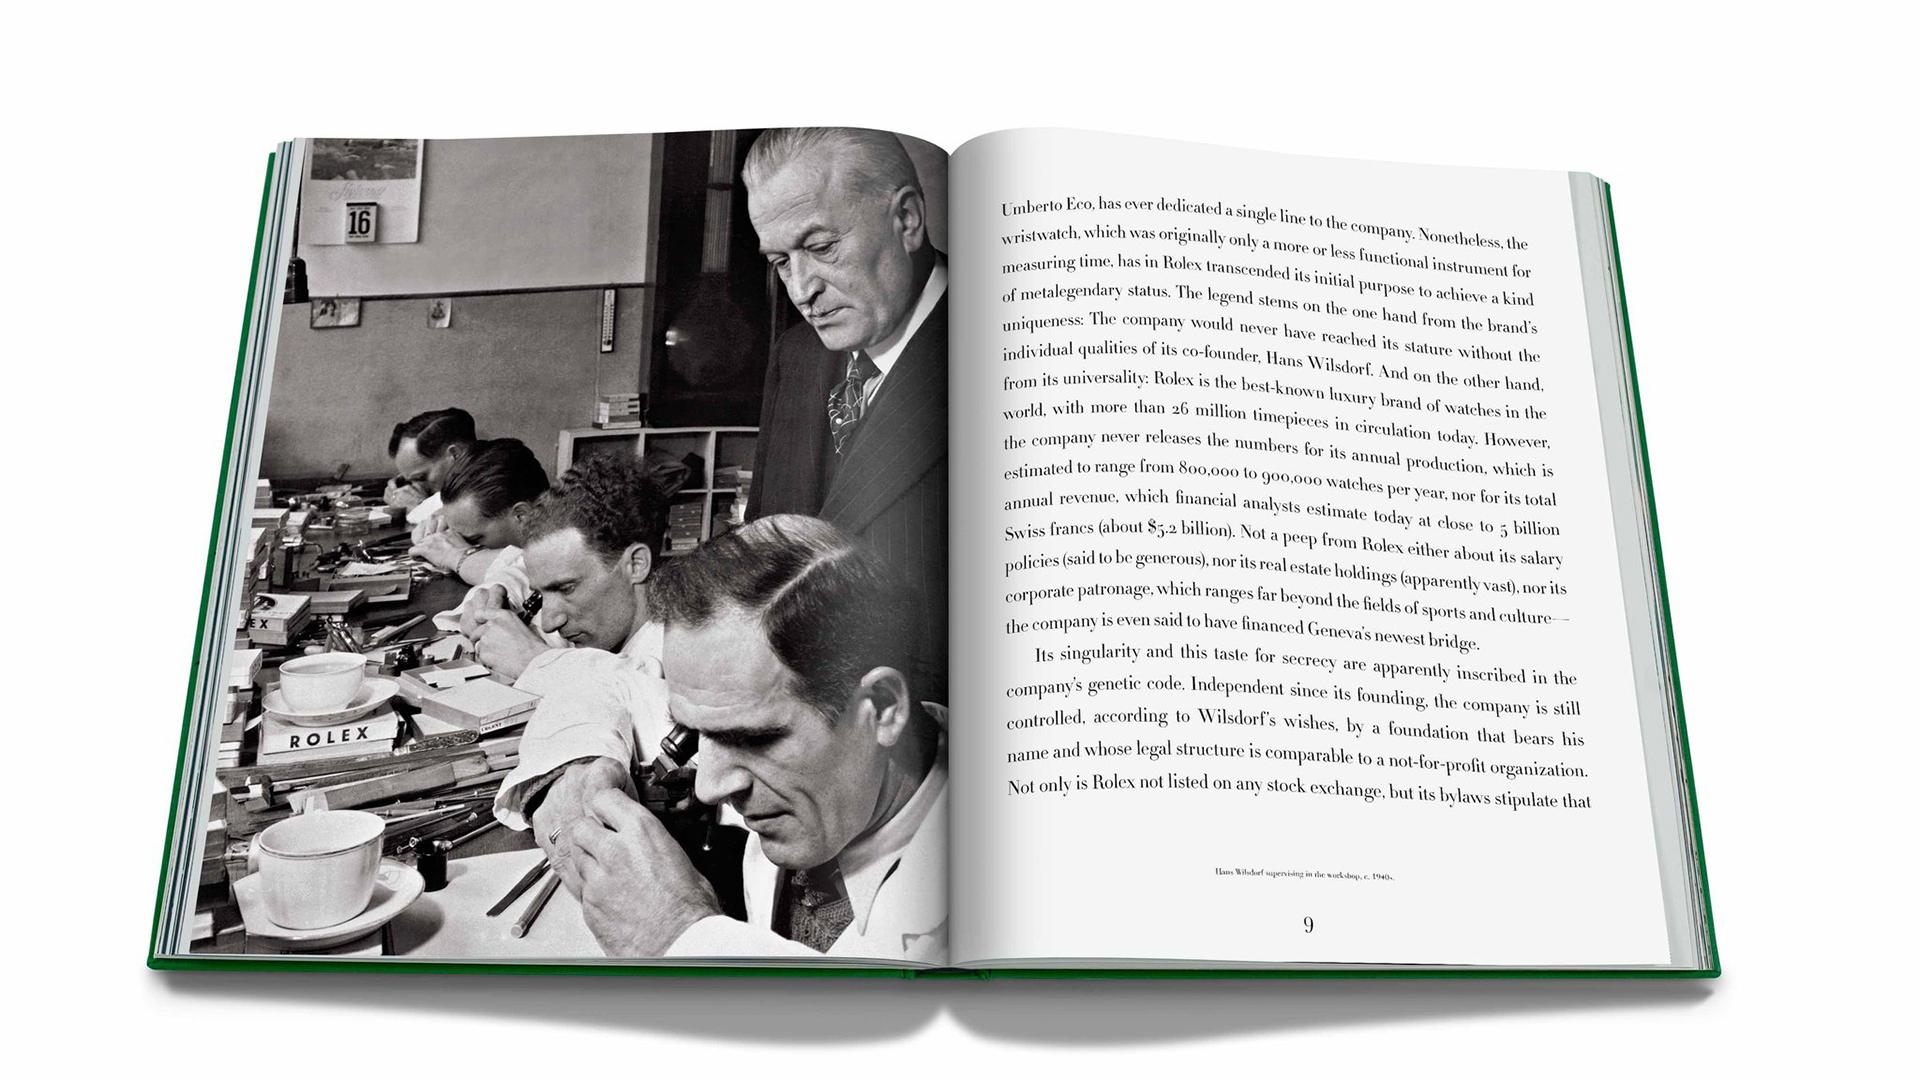 Imagen del libro de rolex con imagen y texto